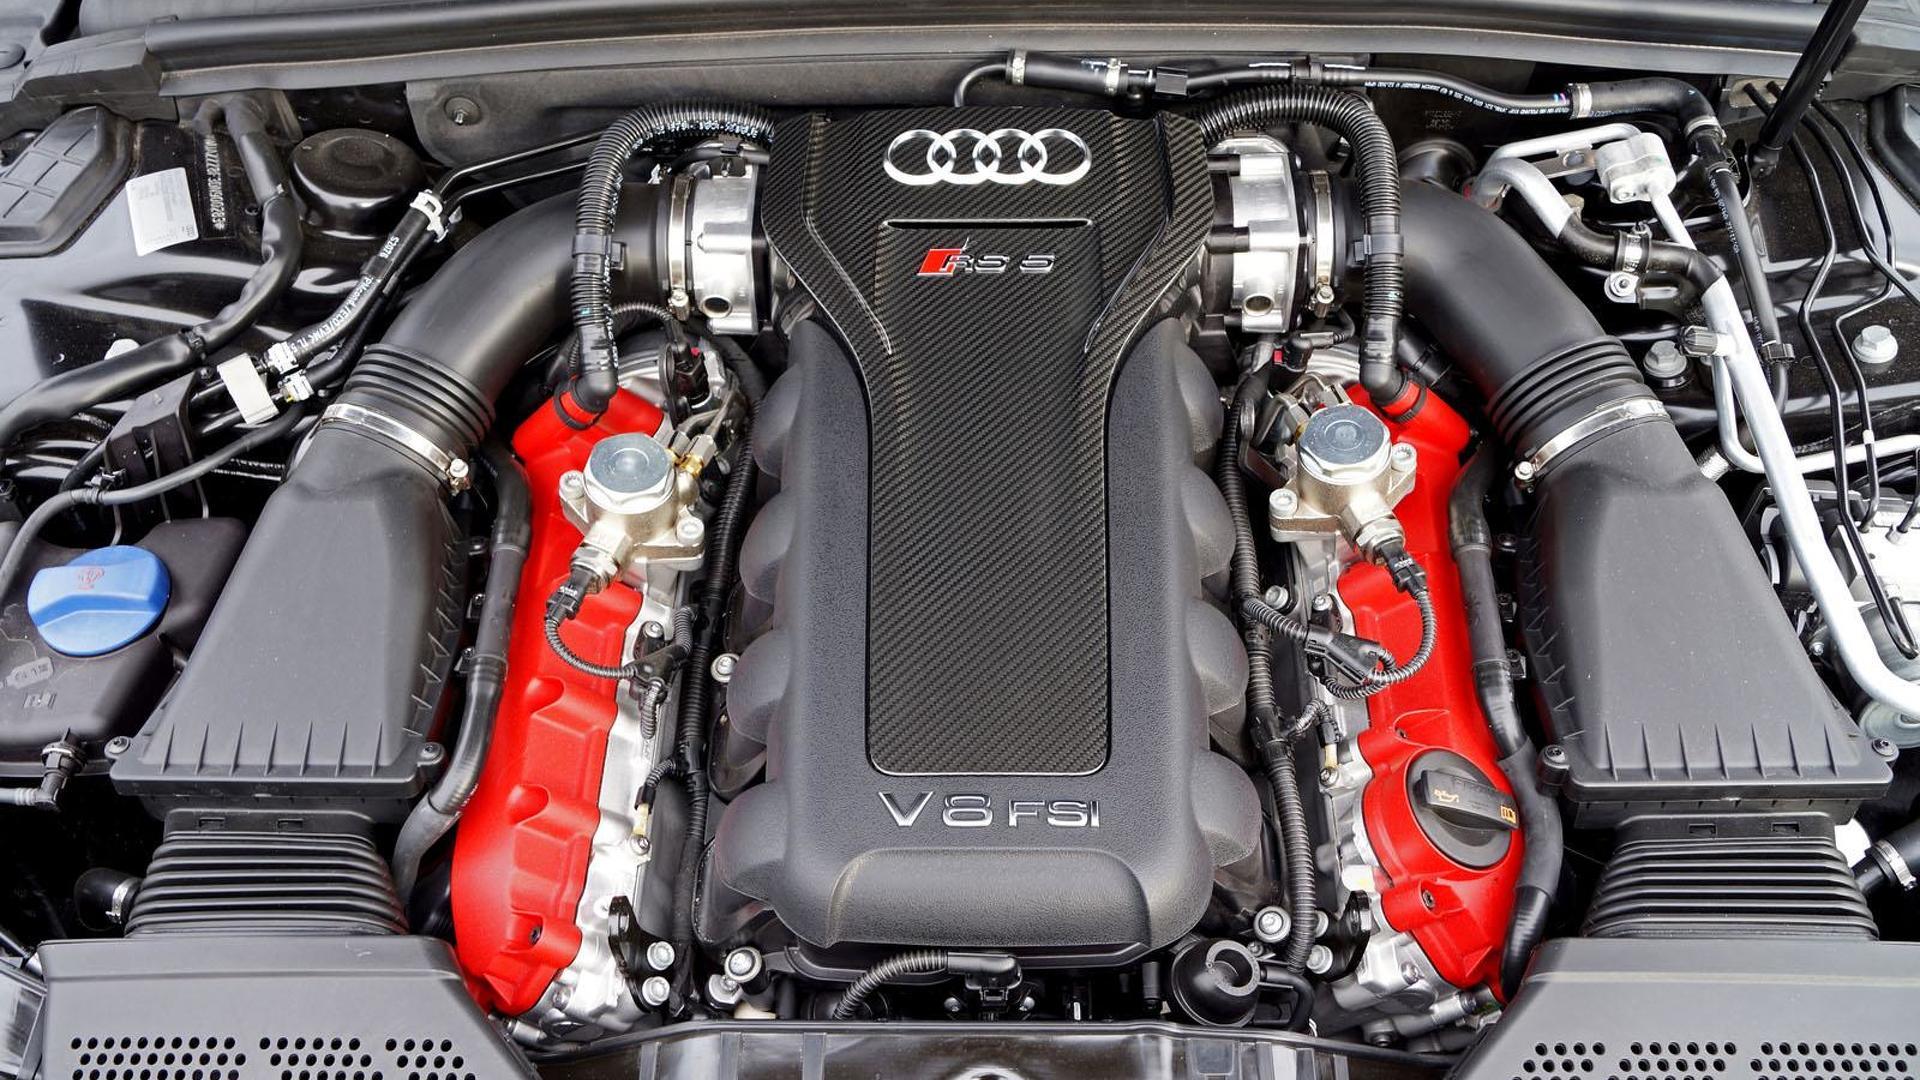 Мотор V8 FSI Audi RS5 от Senner Tuning